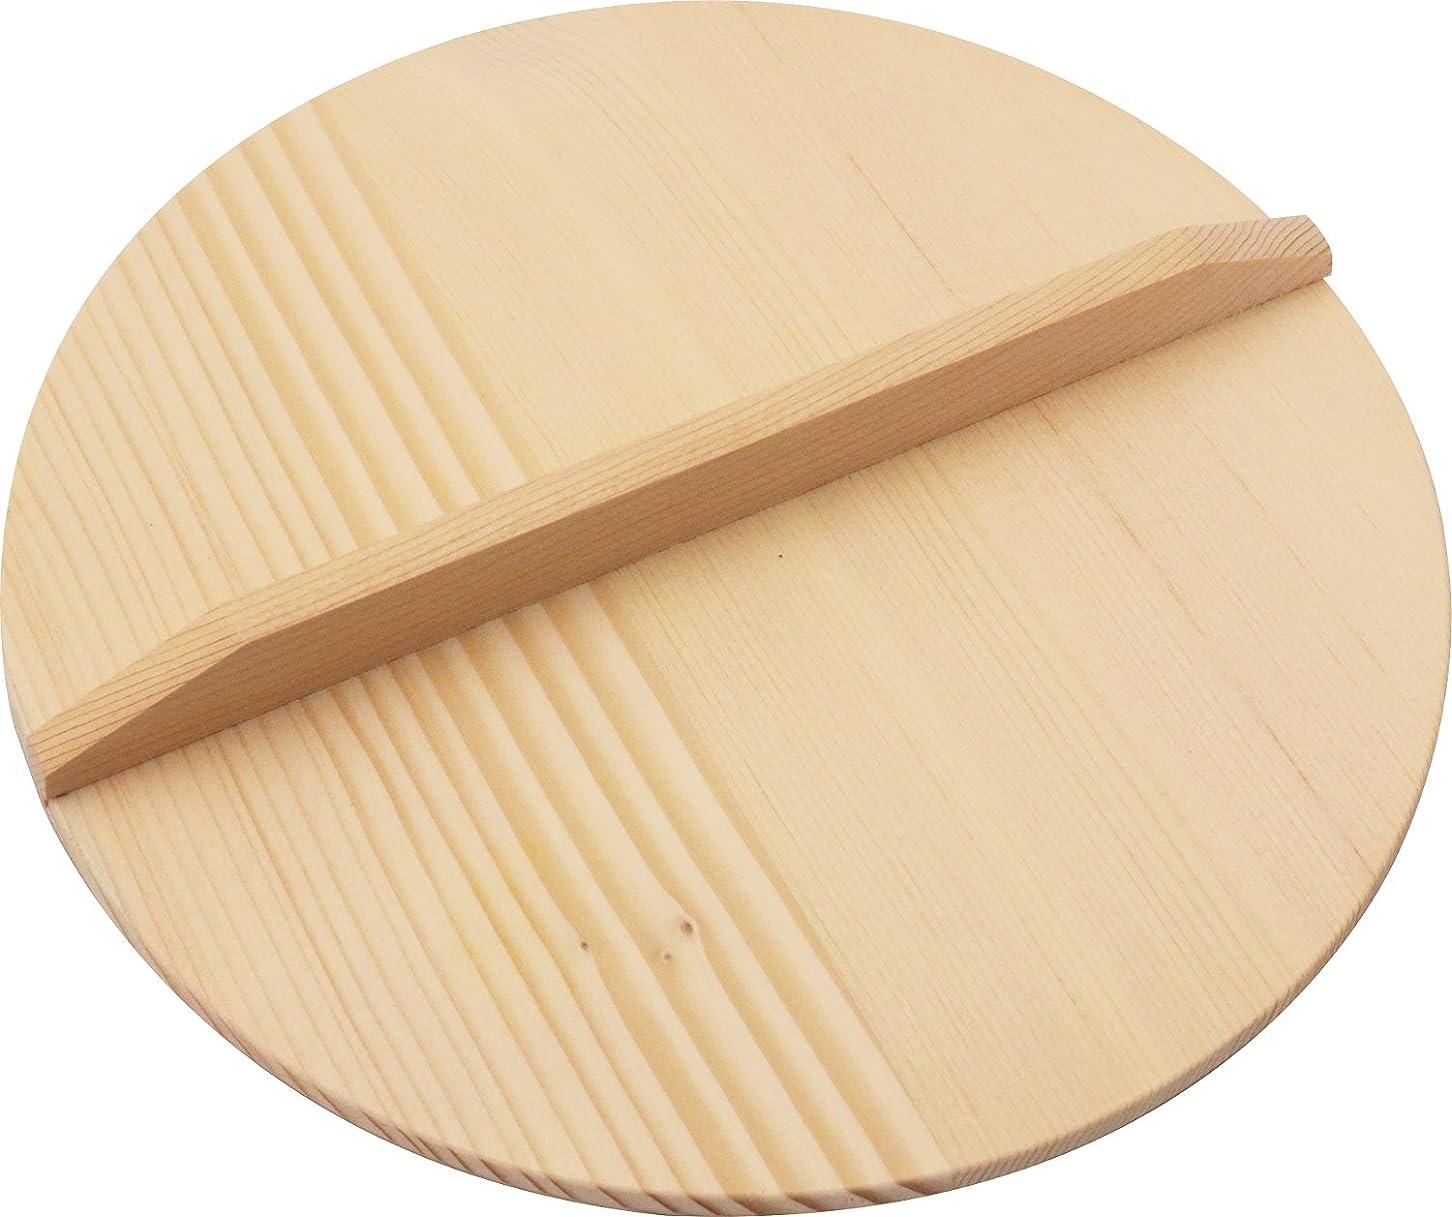 純粋な抑圧する官僚市原木工所 落し蓋 木製 業務用 鍋蓋 直径27cm 4971421024028